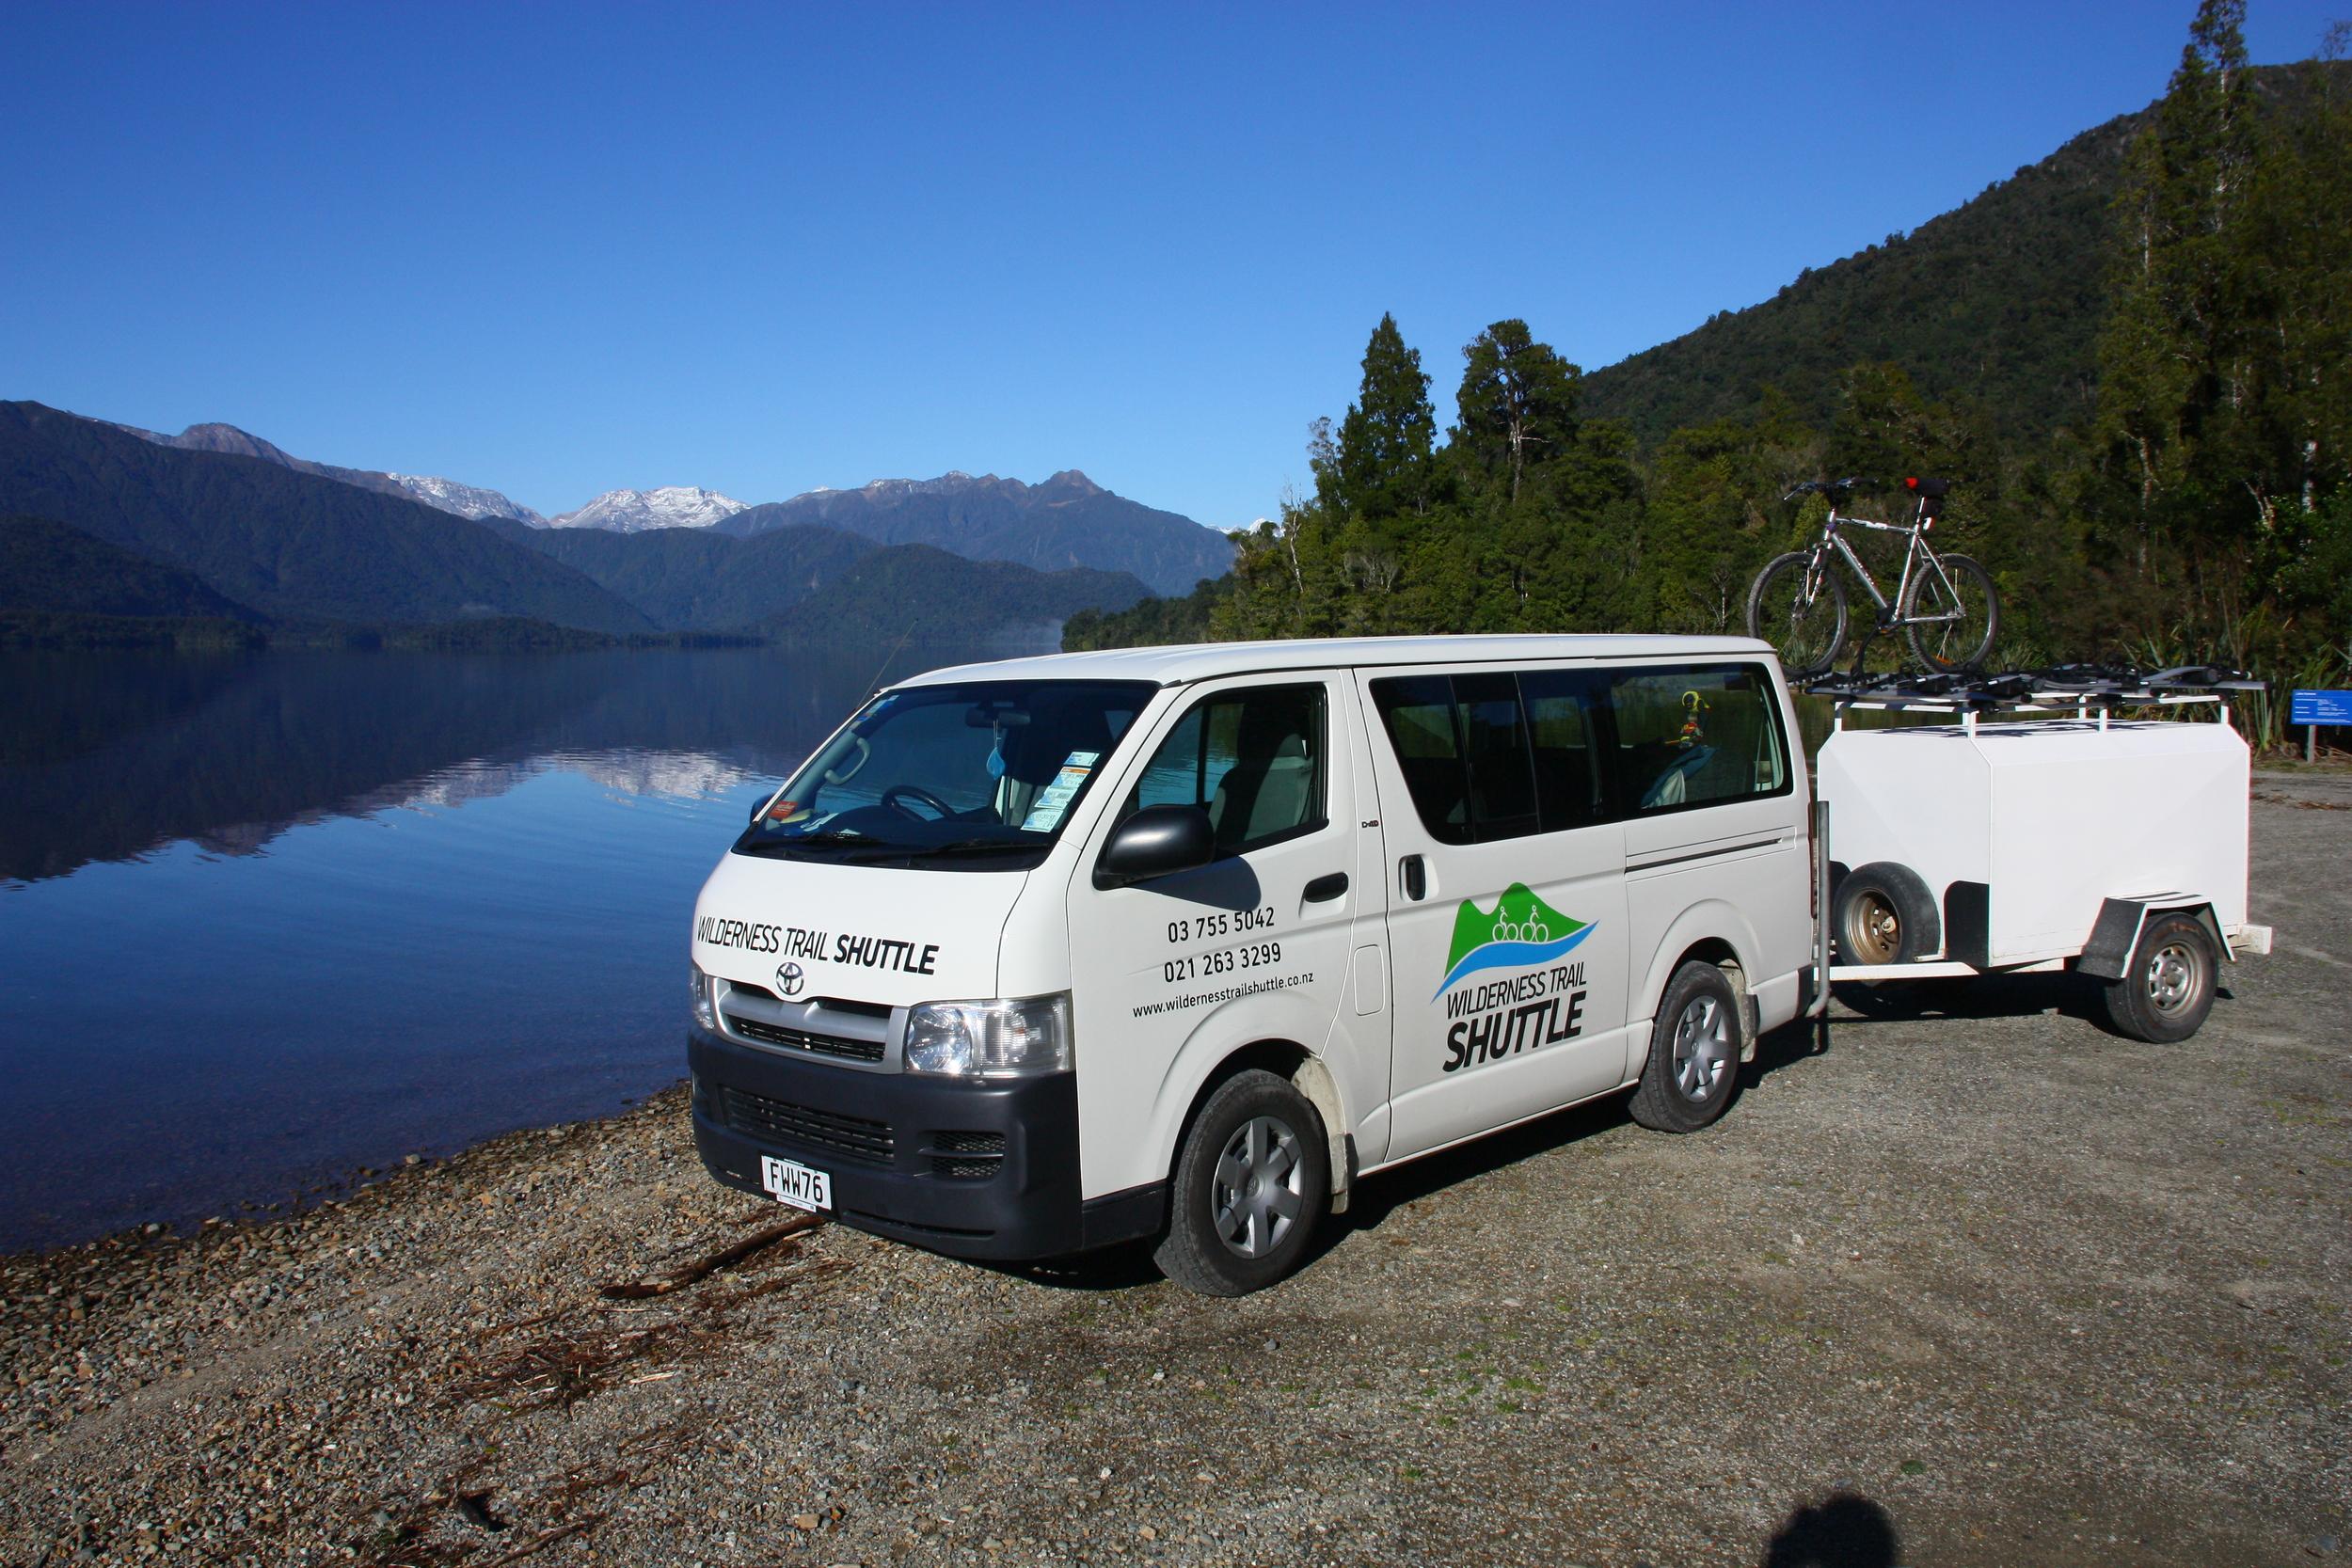 Wilderness Trail Shuttle parked at Kapitea Reservoir (Dillman's Dam).